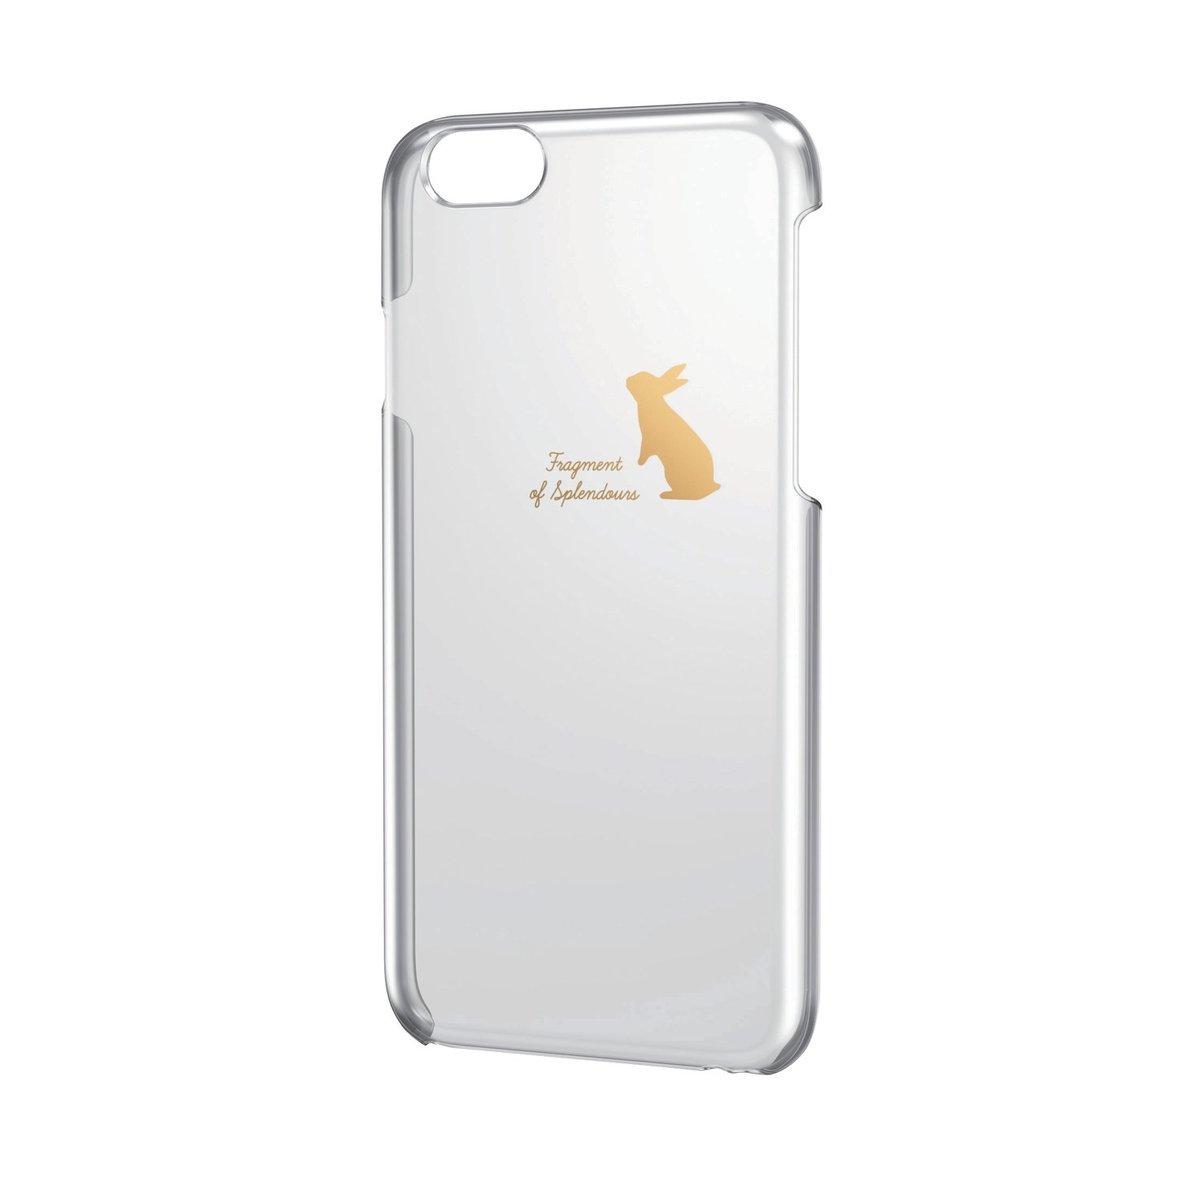 iPhone 6/6S 金色圖案硬殼(兔仔)